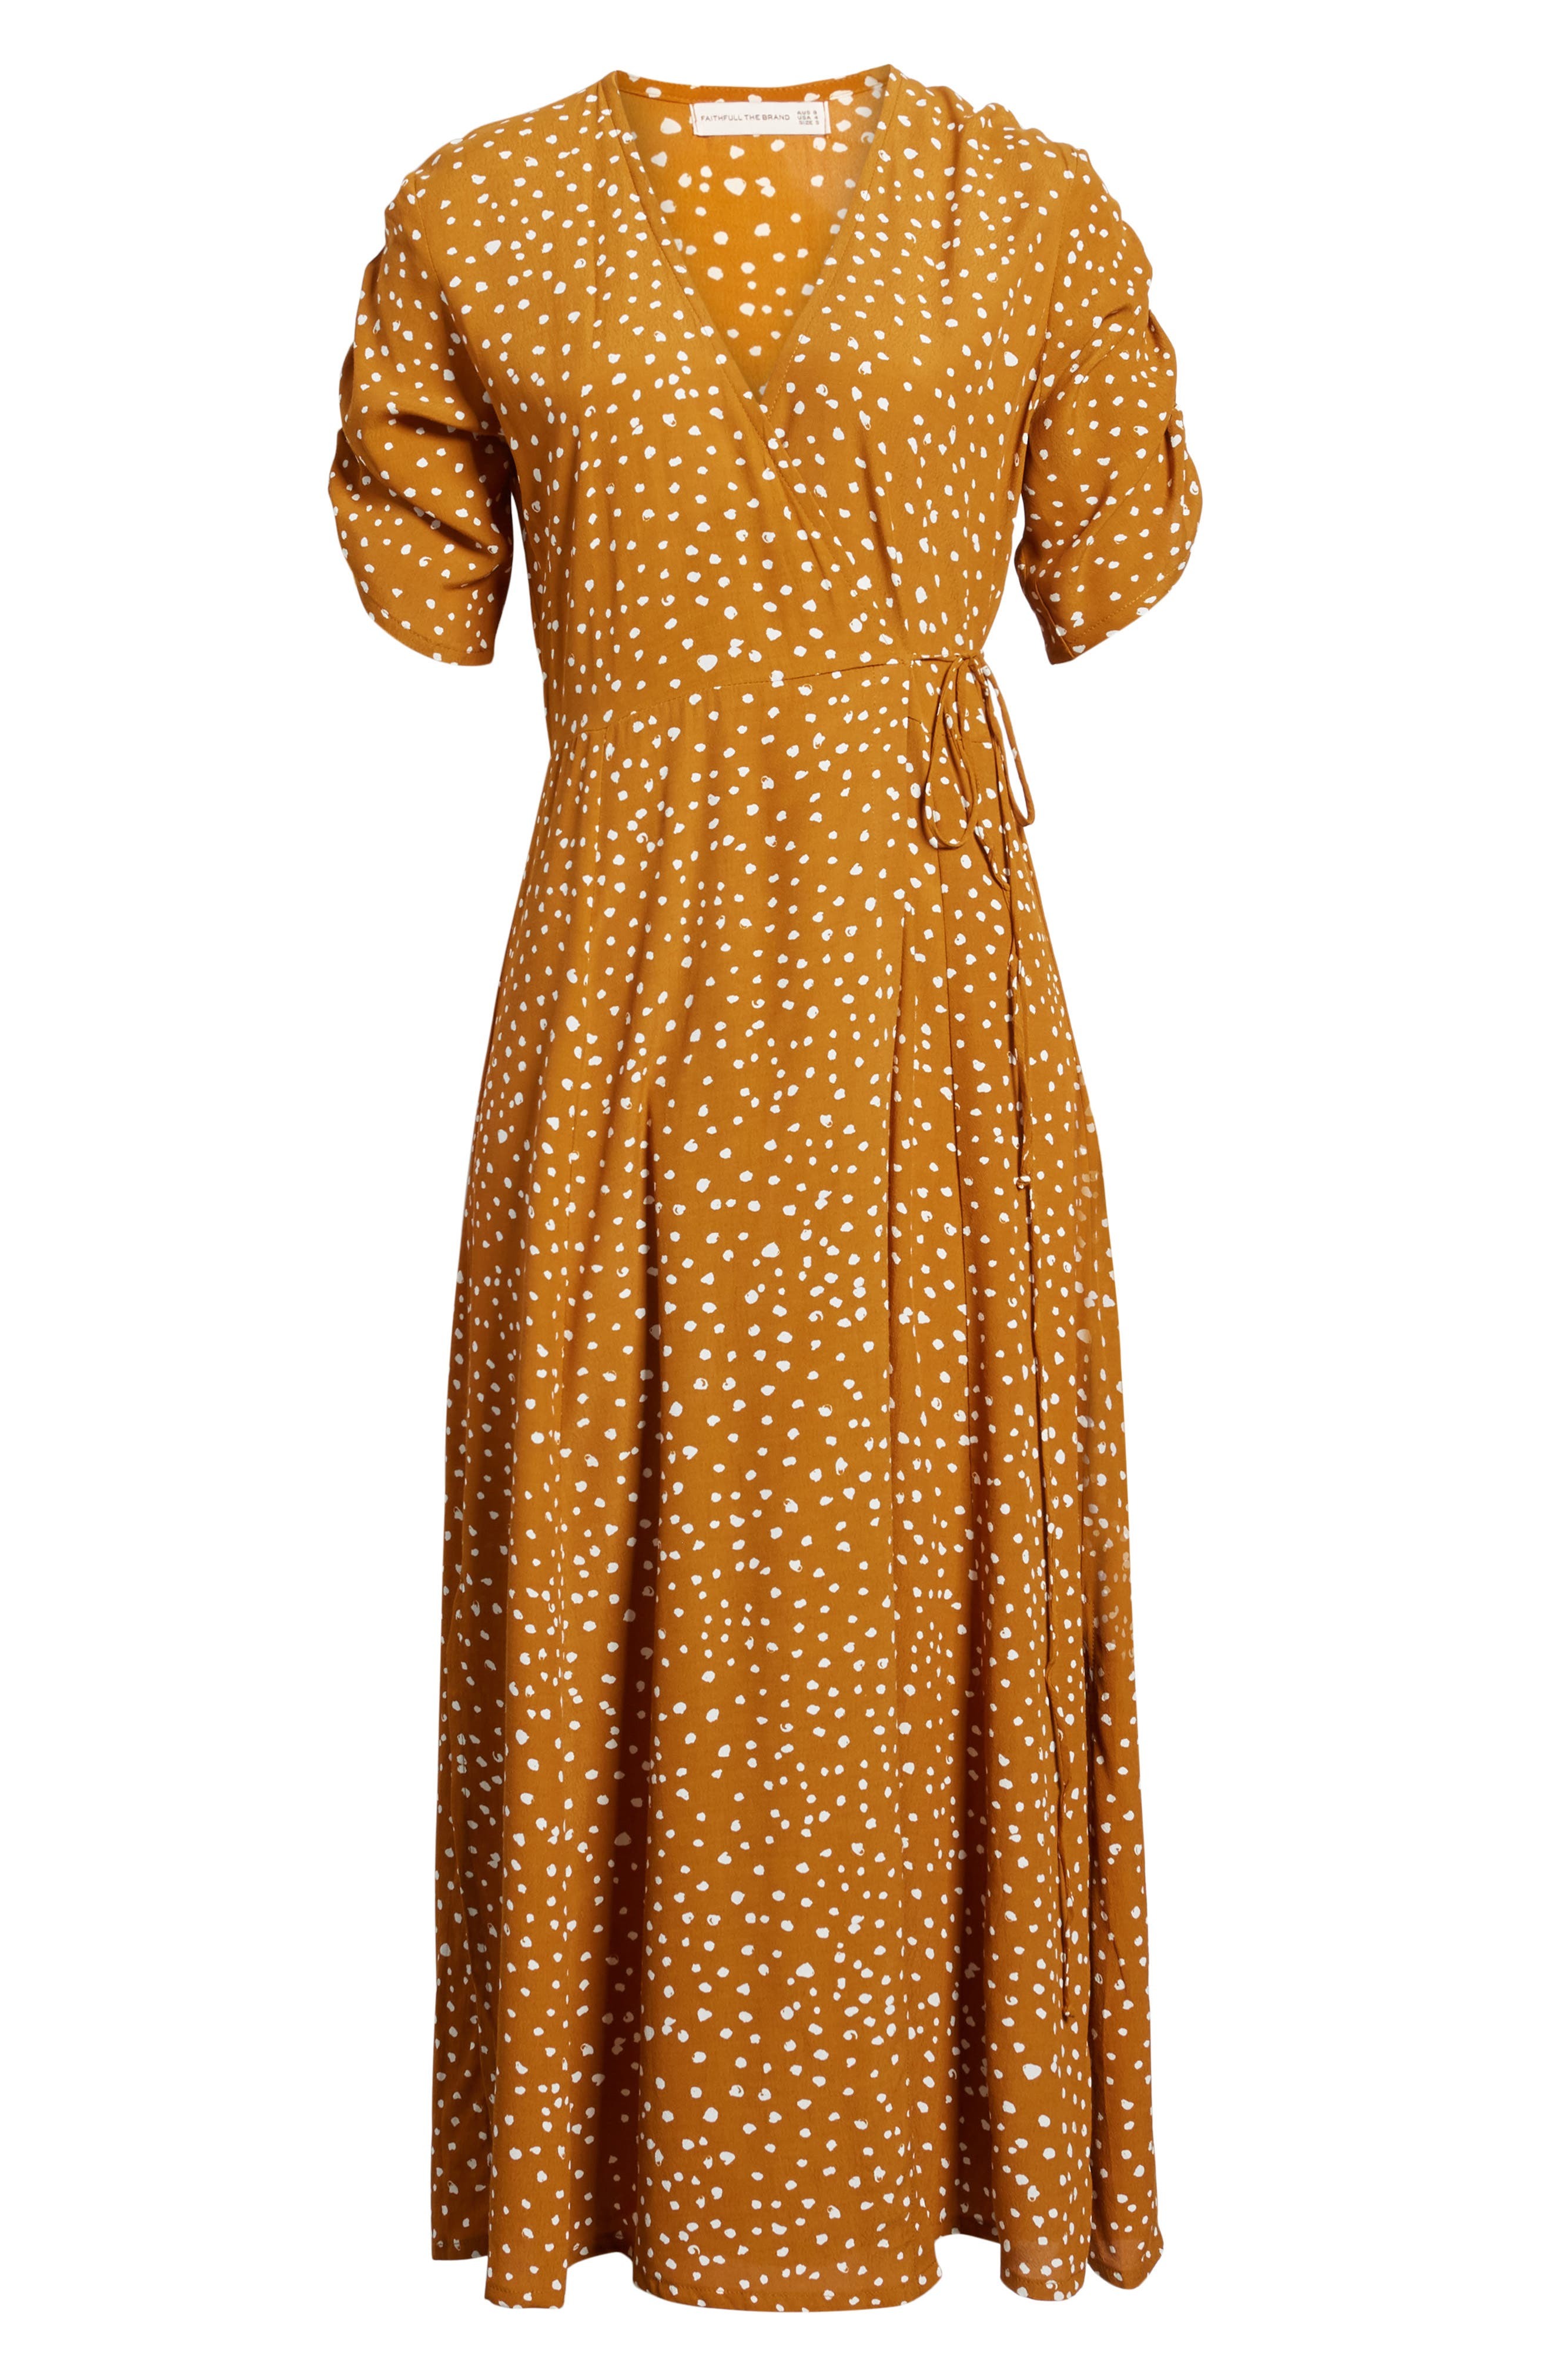 Chiara Dot Print Wrap Dress,                             Alternate thumbnail 4, color,                             700